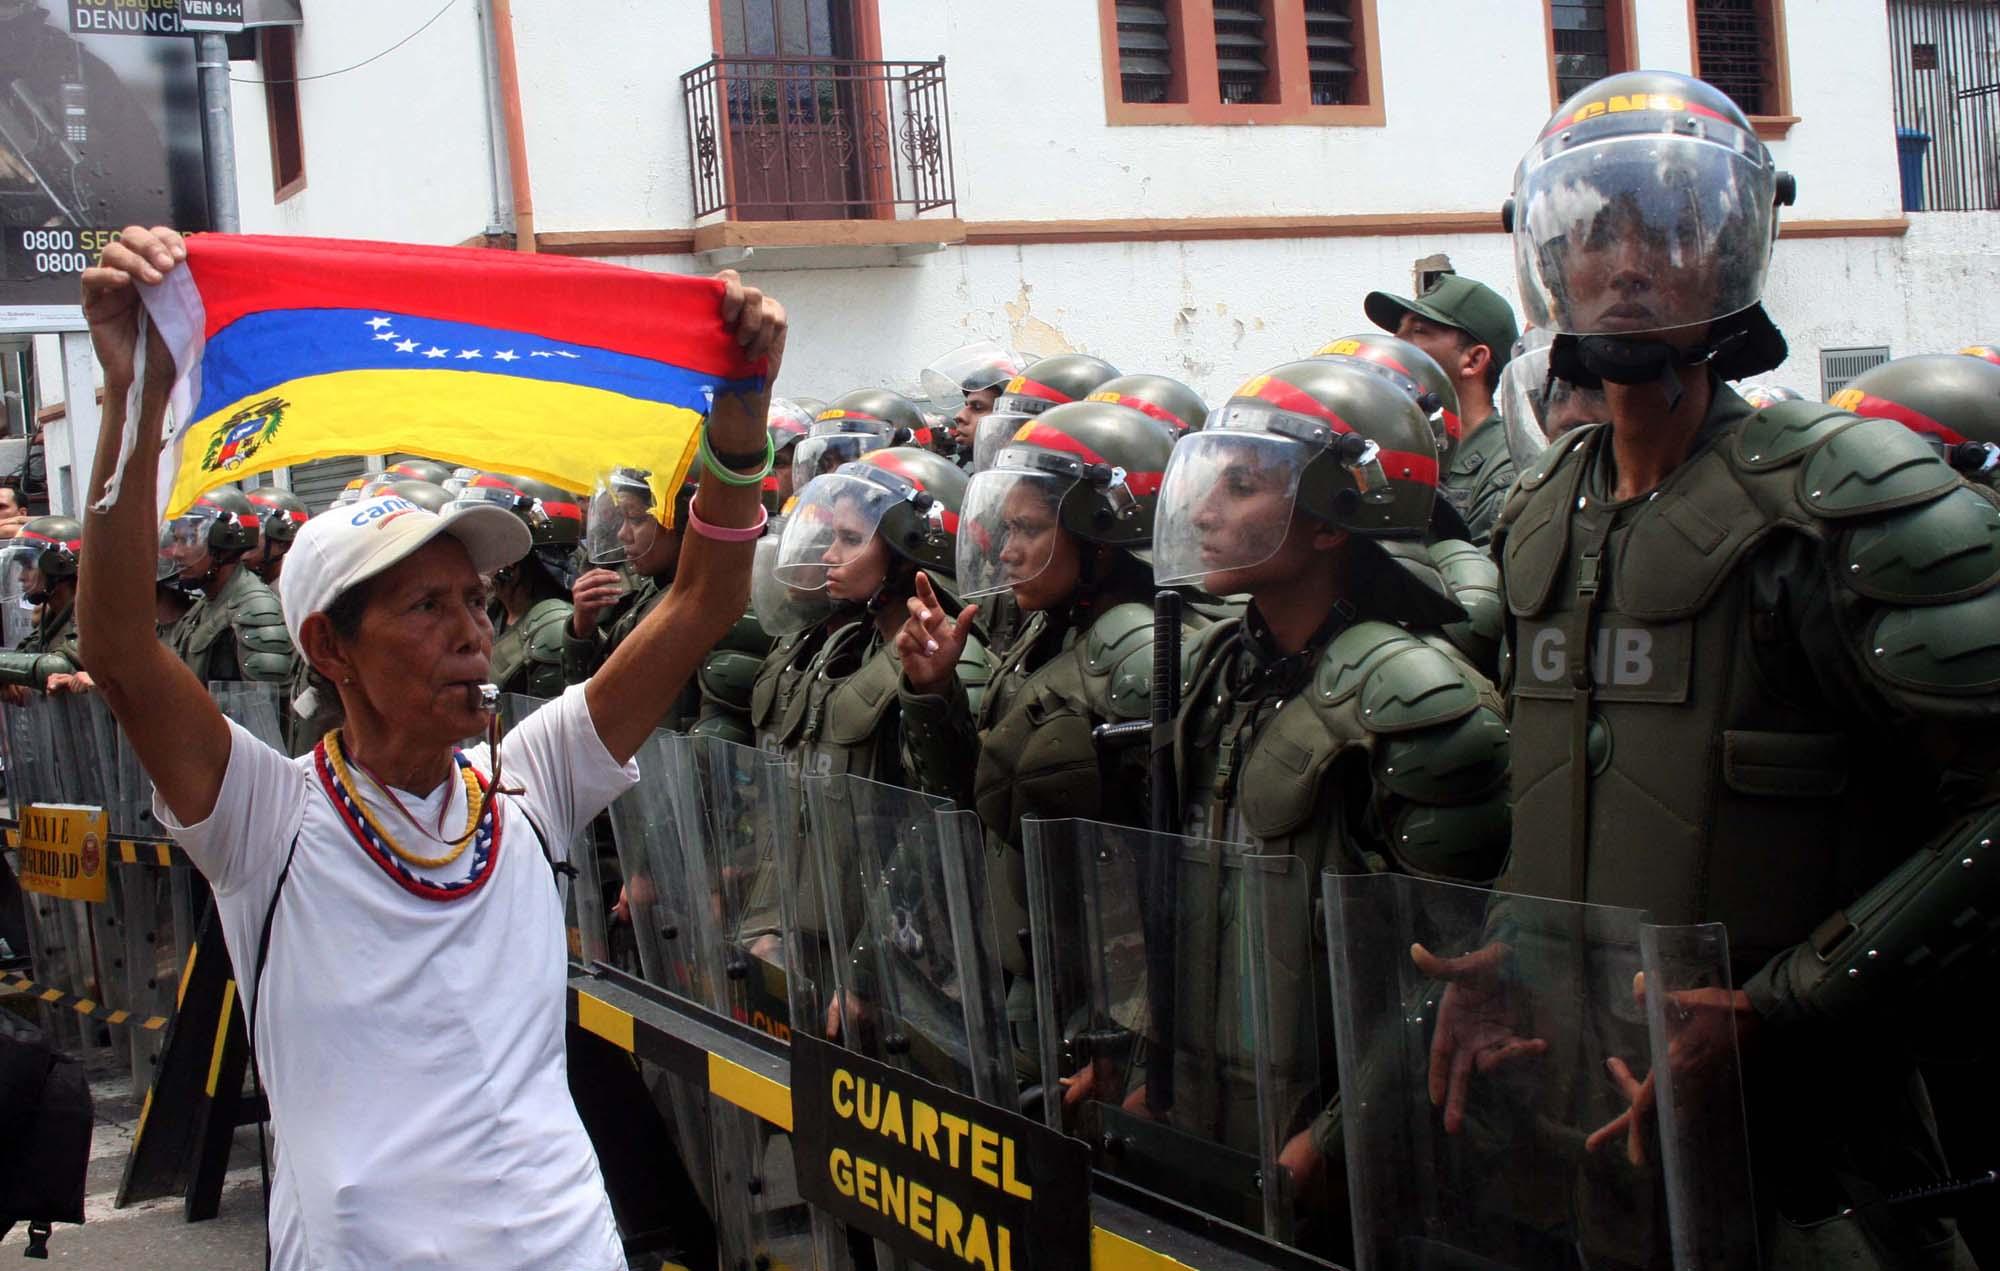 México actuará de conformidad con leyes y convenios en caso Venezuela